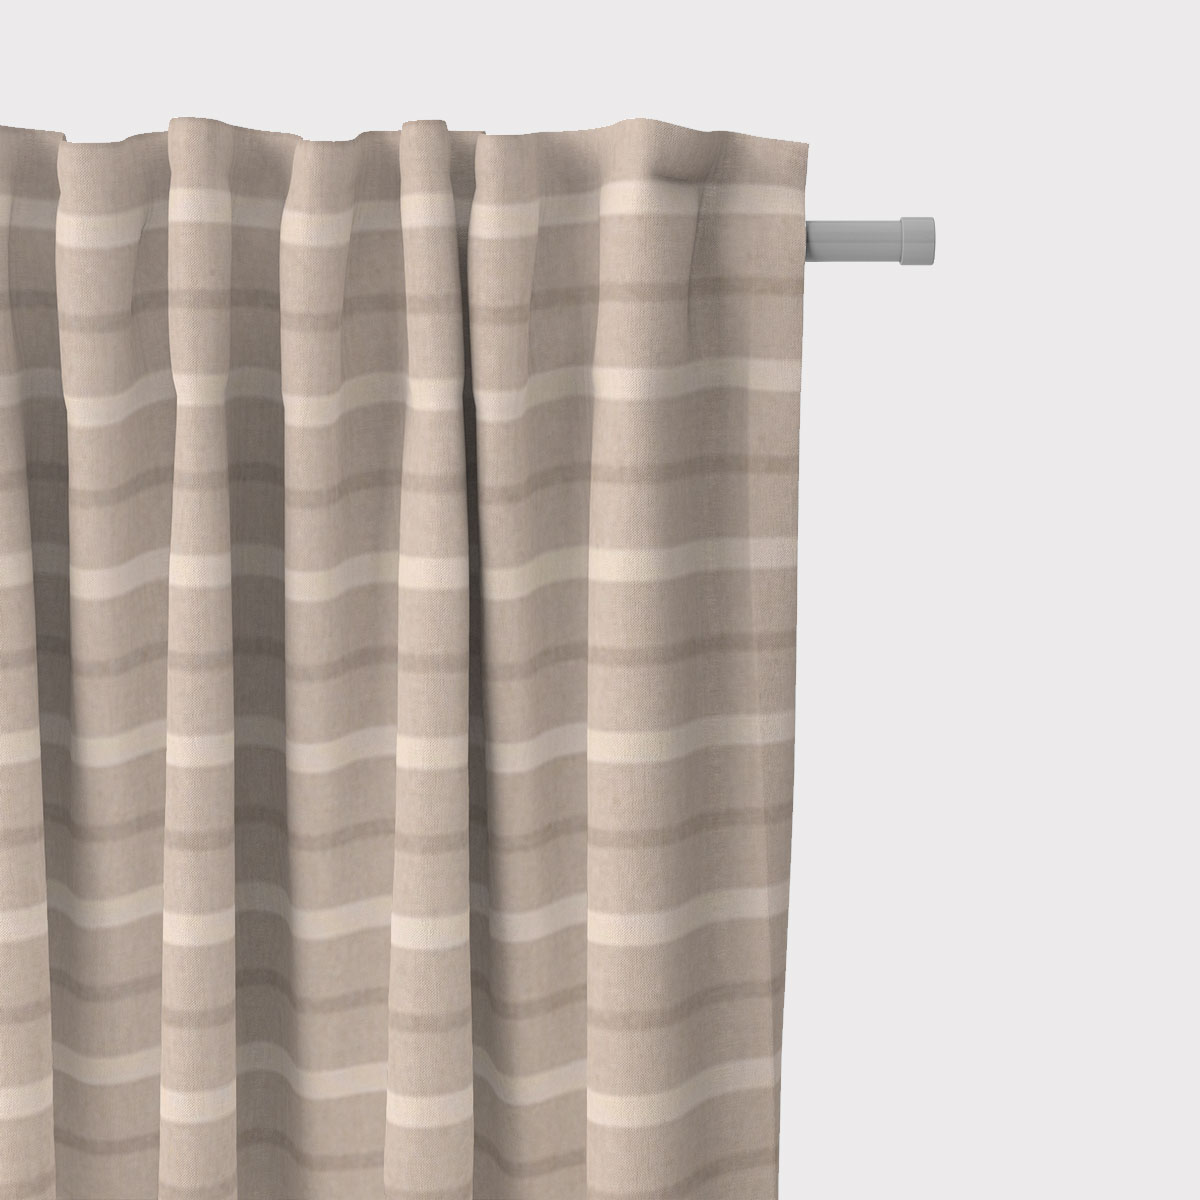 SCHÖNER LEBEN. Vorhang Leinenlook Riviera Stripe Small Streifen natur creme 245cm oder Wunschlänge